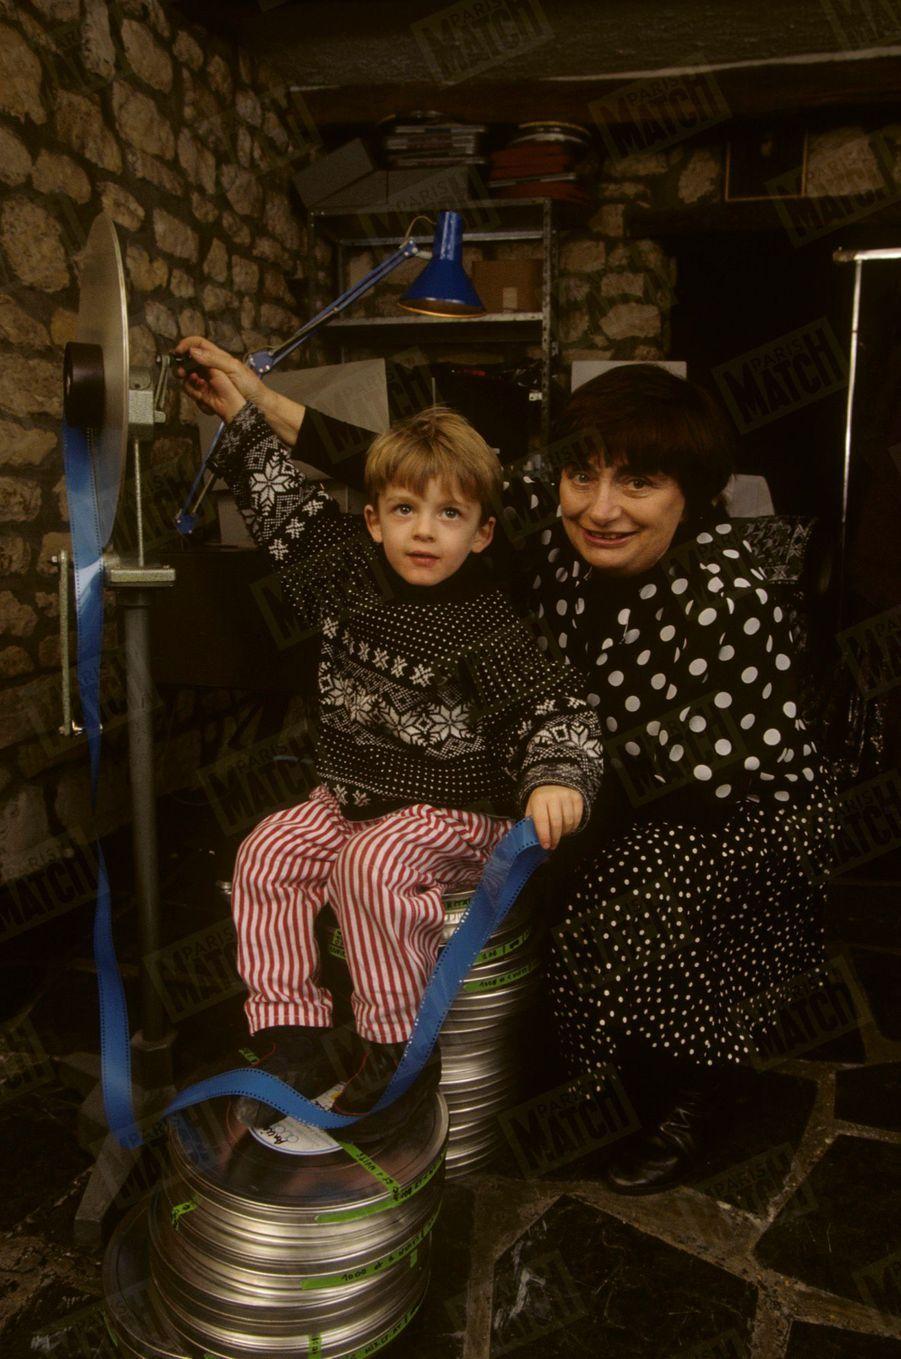 Dans sa salle de montage,Agnès Vardafamiliarise son petit-fils Augustin avec la pellicule.